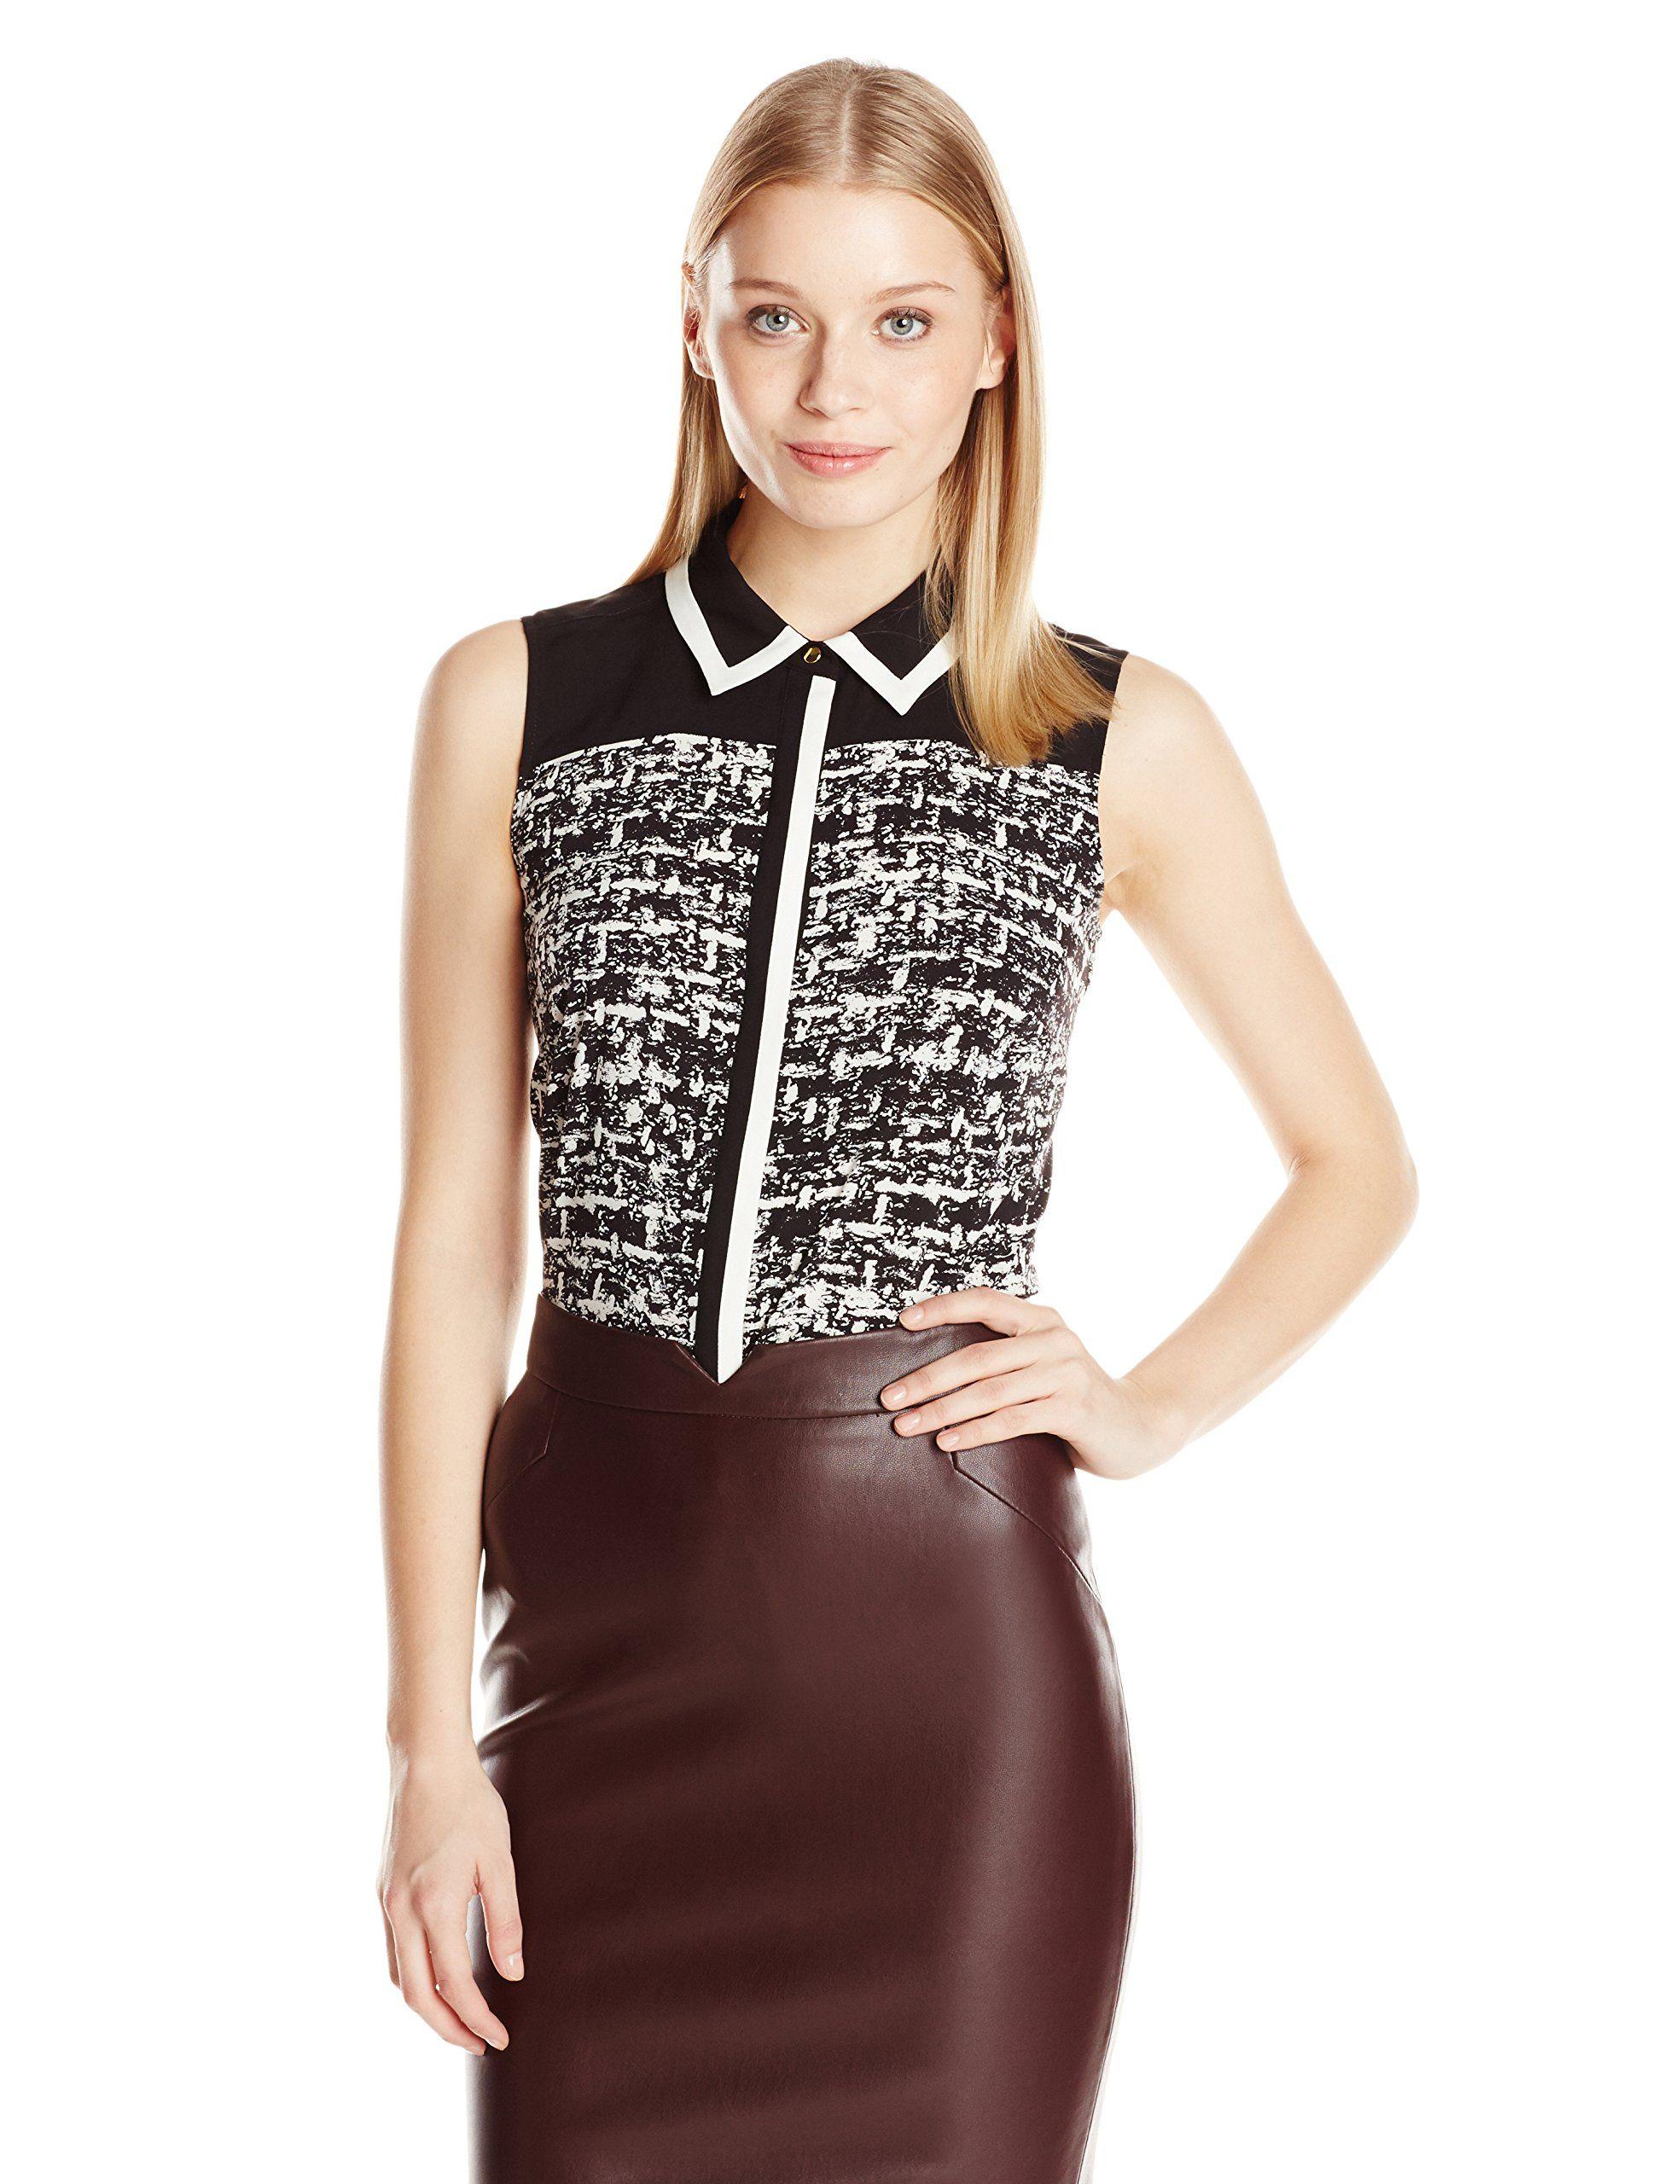 calvin klein women's fashion woven top at amazon women's clothing